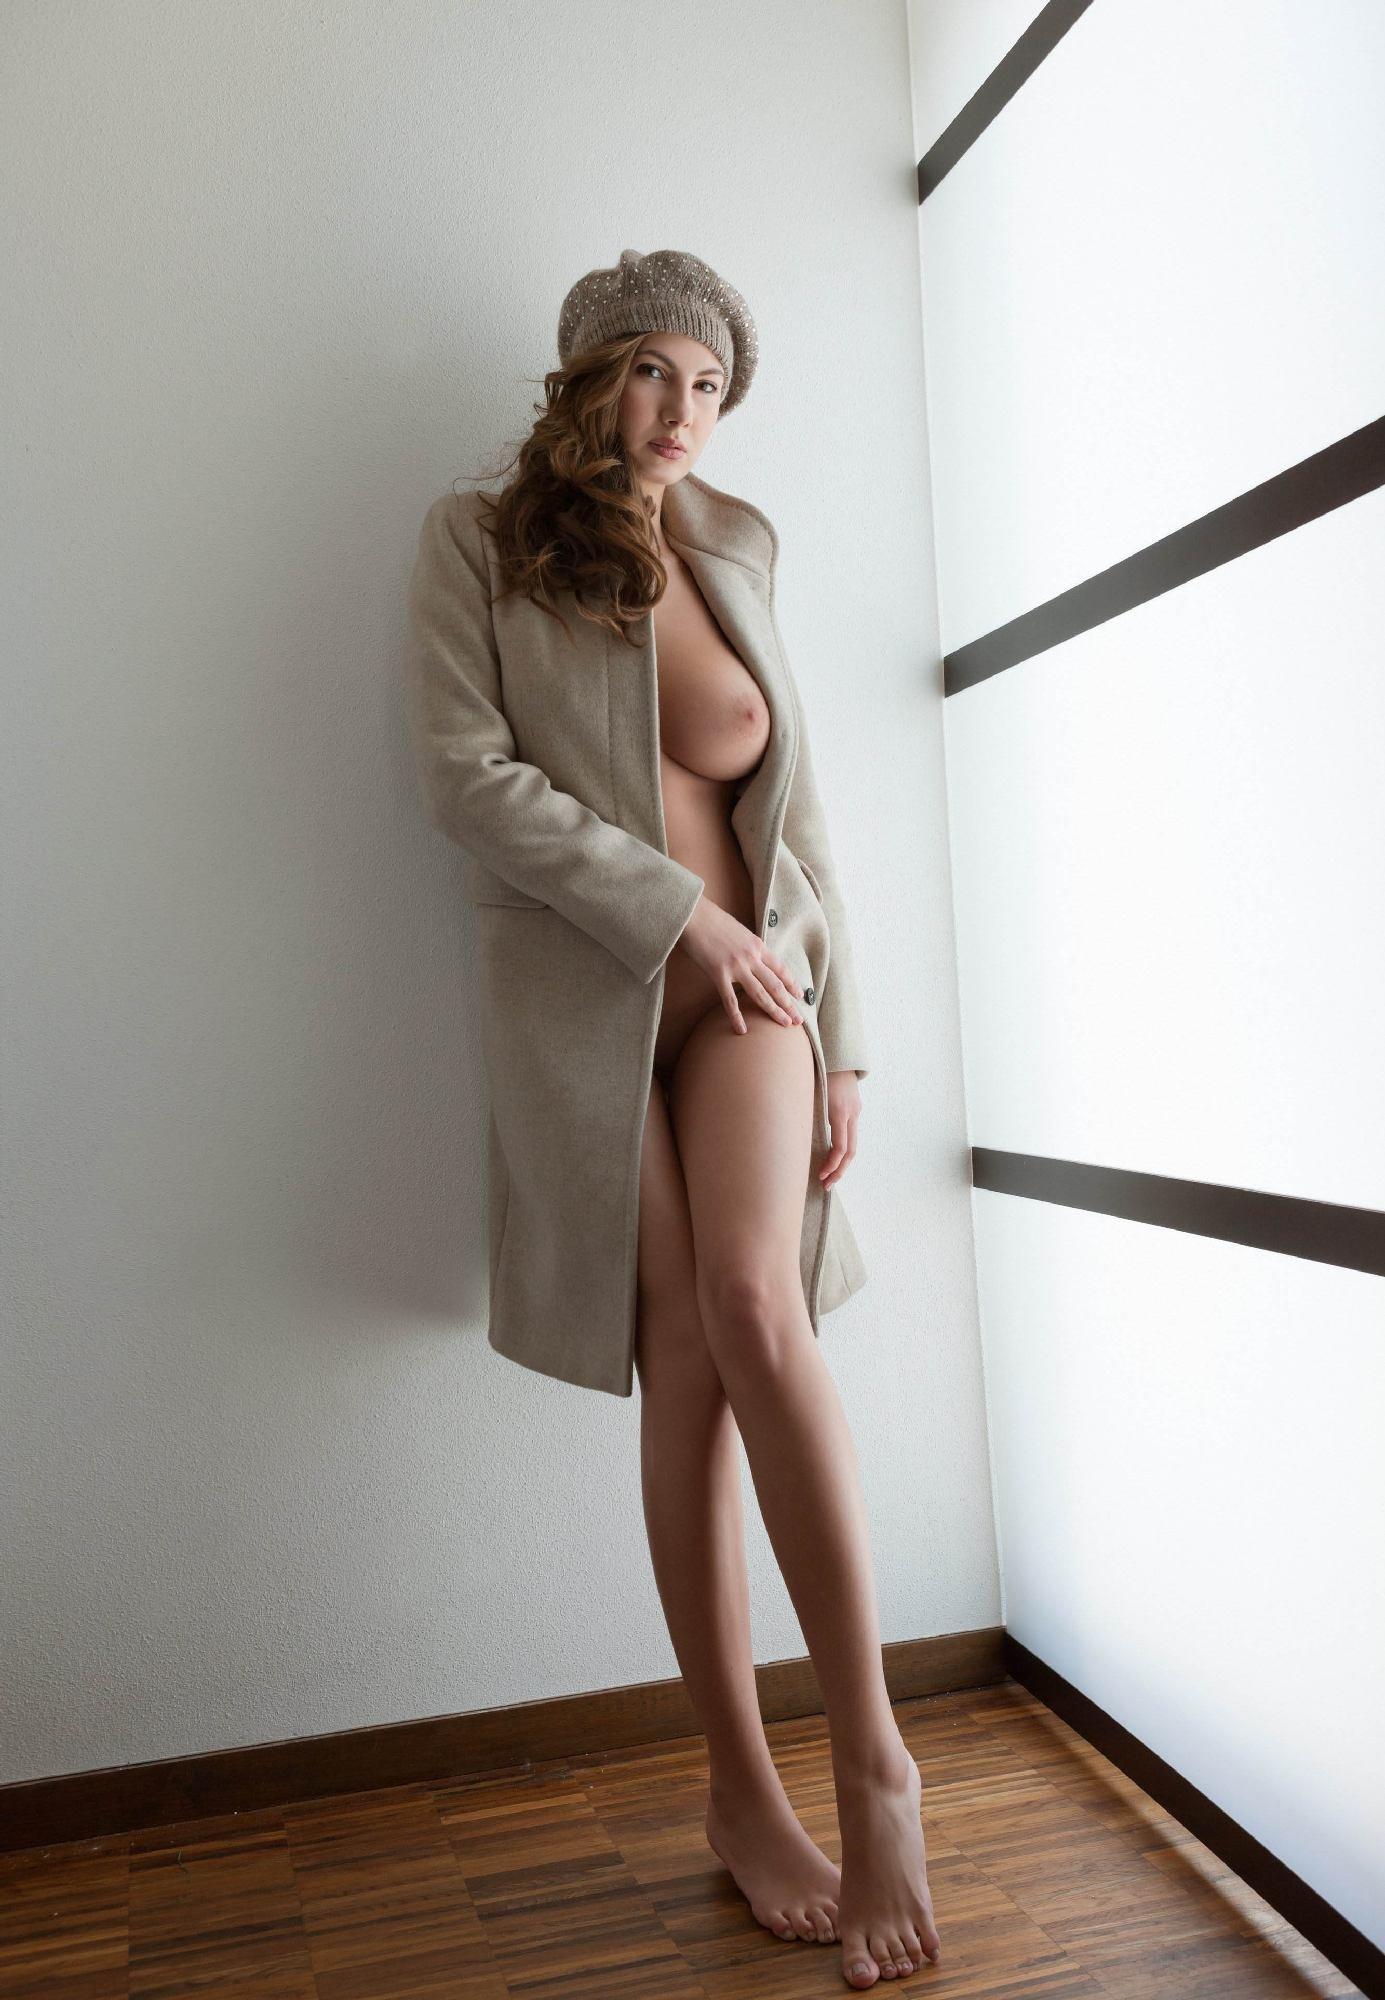 Беркова красивые сиськи в верхней одежде картинки